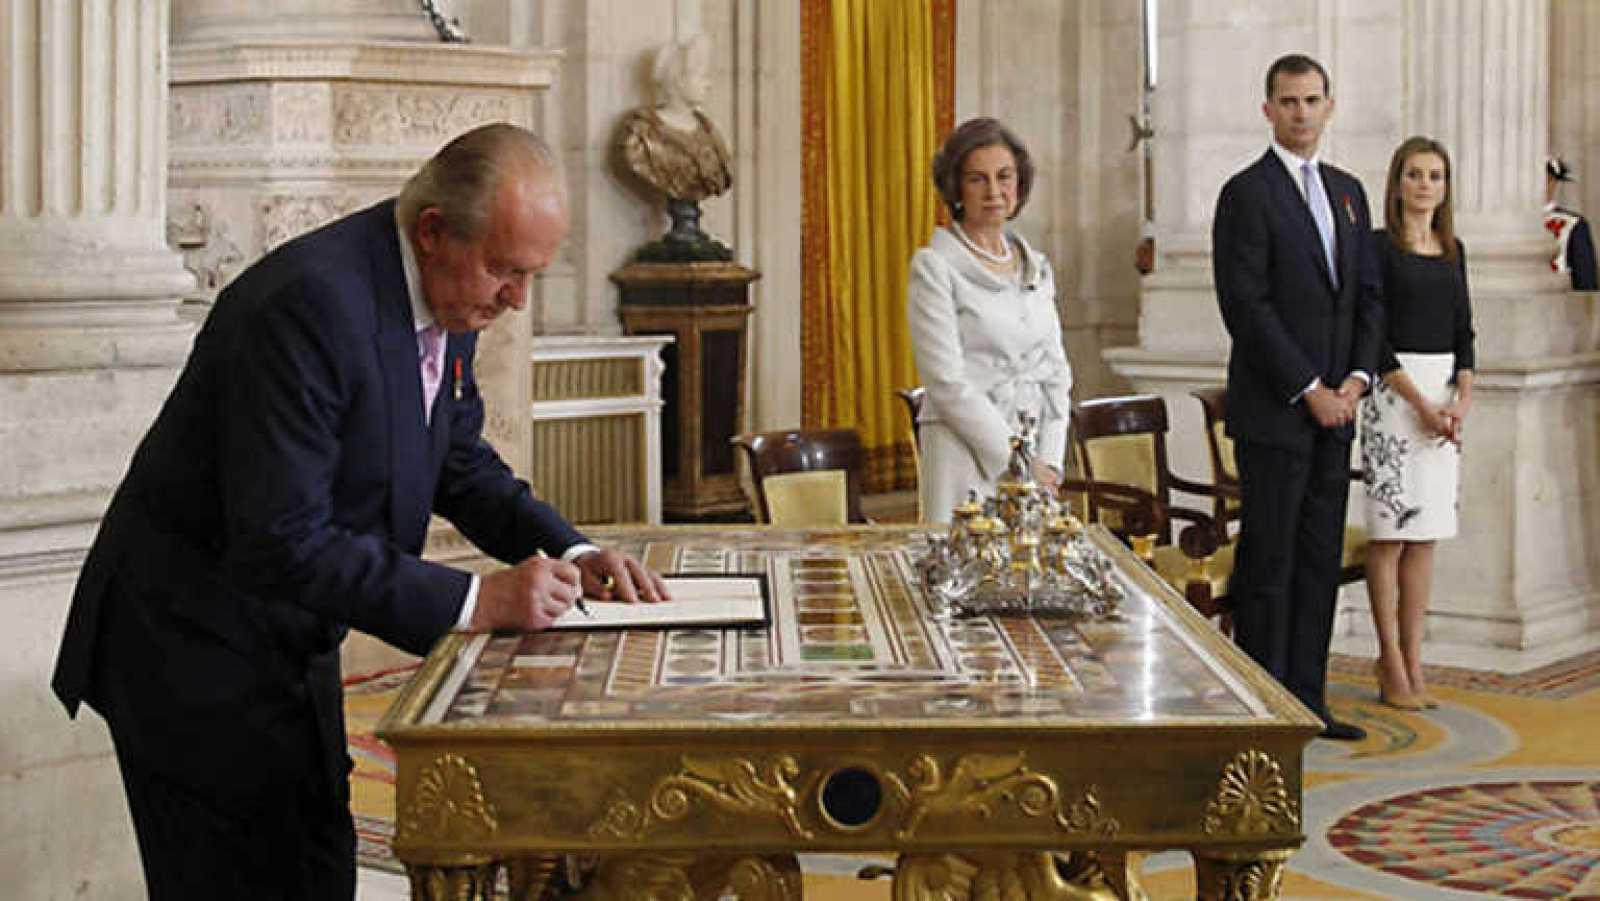 Especial informativo - Sanción de la Ley de Abdicación de S.M. Juan Carlos I - ver ahora